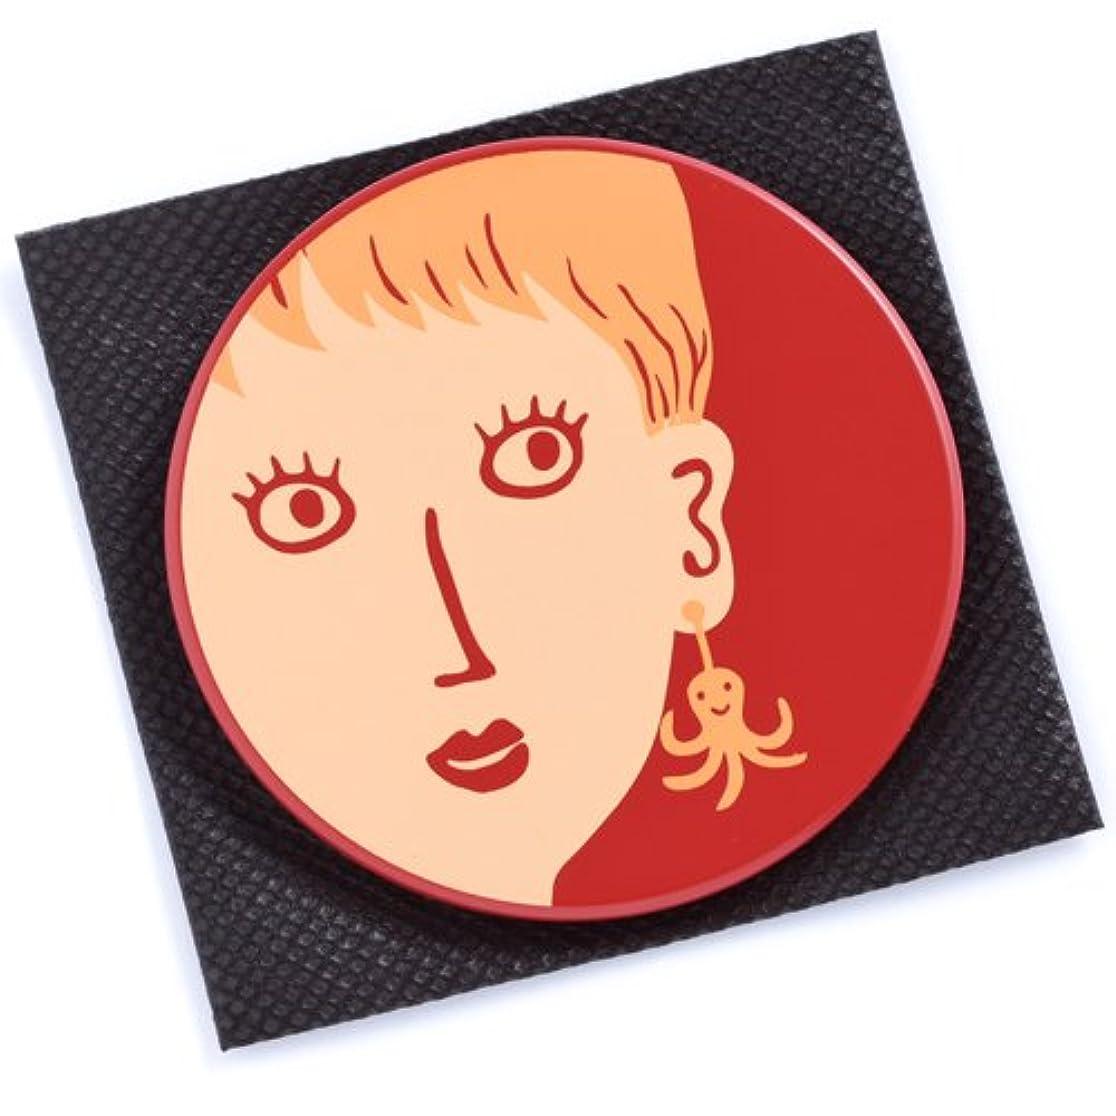 量で藤色羨望[マタノアツコ] 【 アツコマタノ 】 丸鏡 耳にタコ レッド